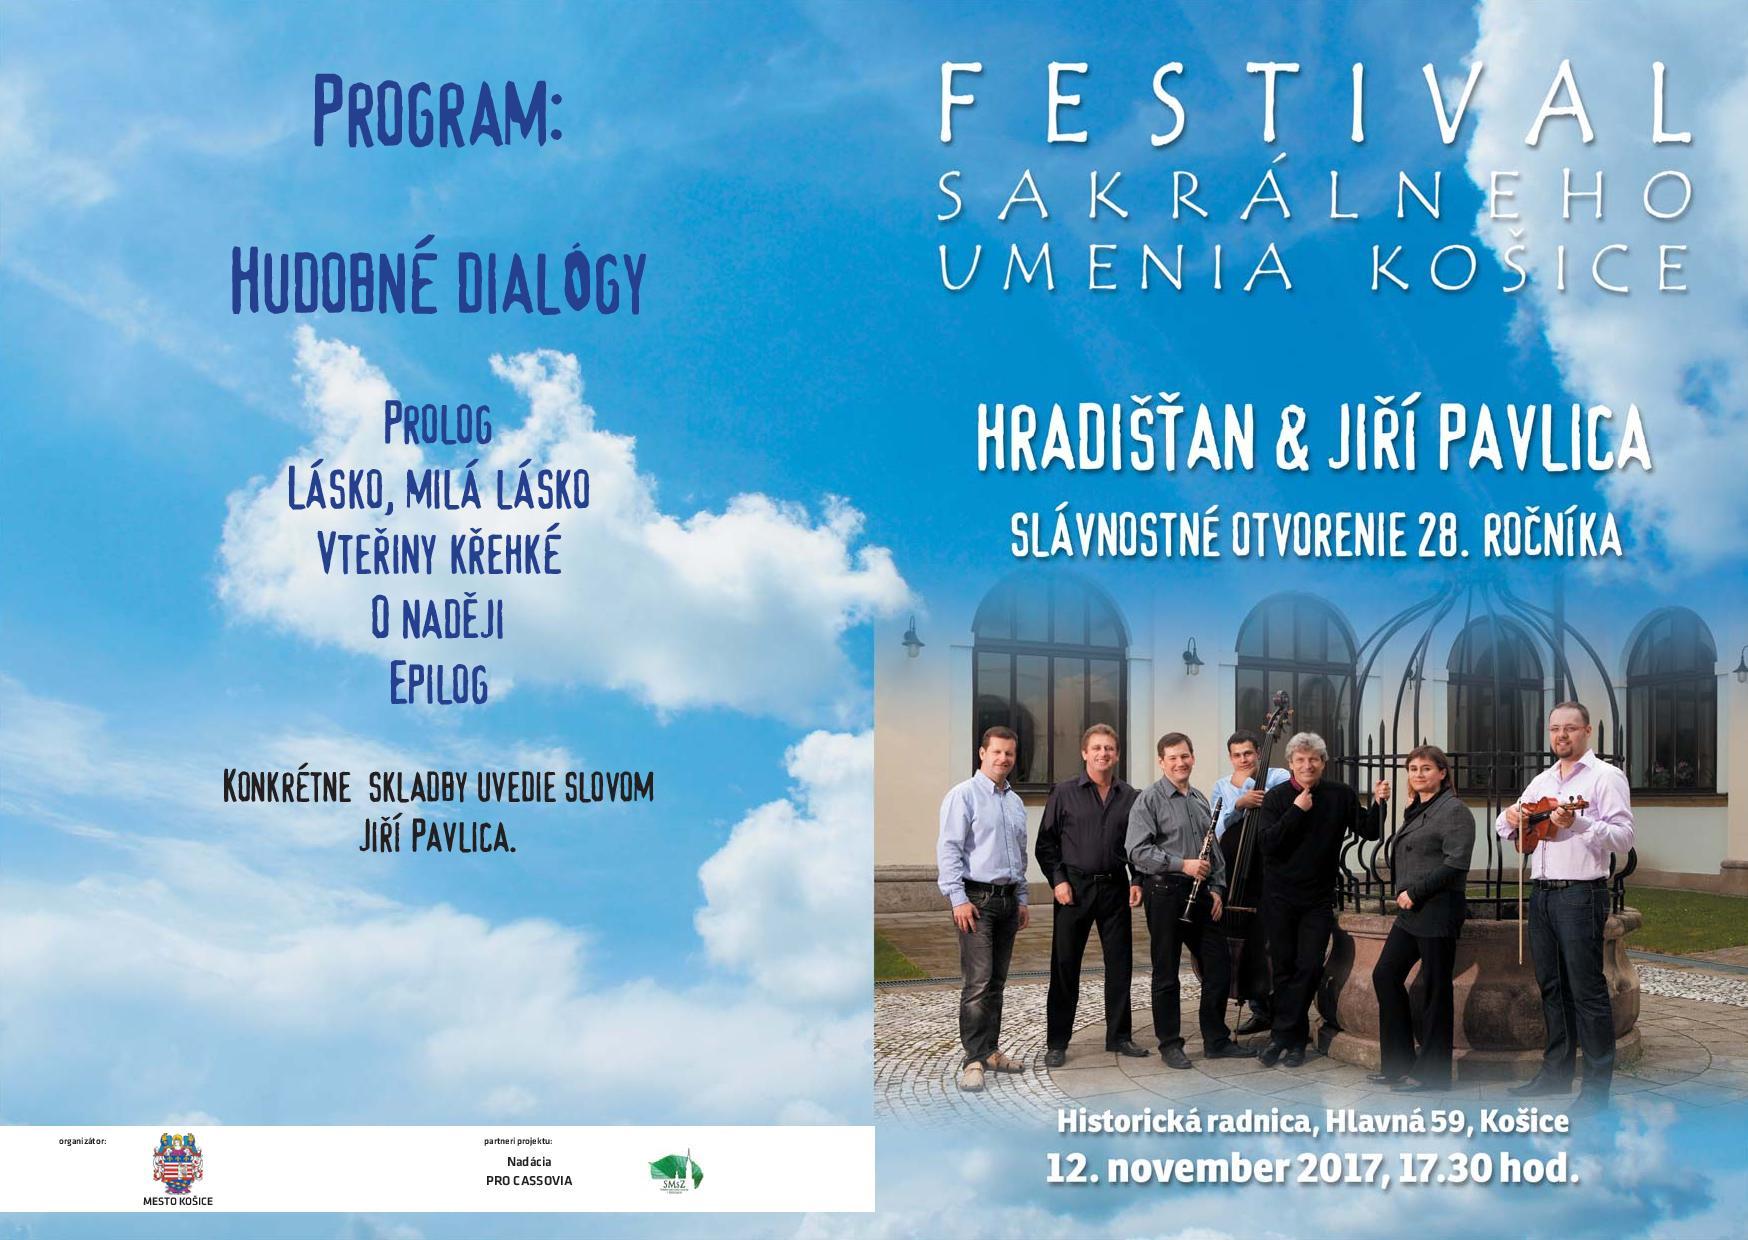 Hudobné dialógy - slávnostné otvorenie 28. ročníka